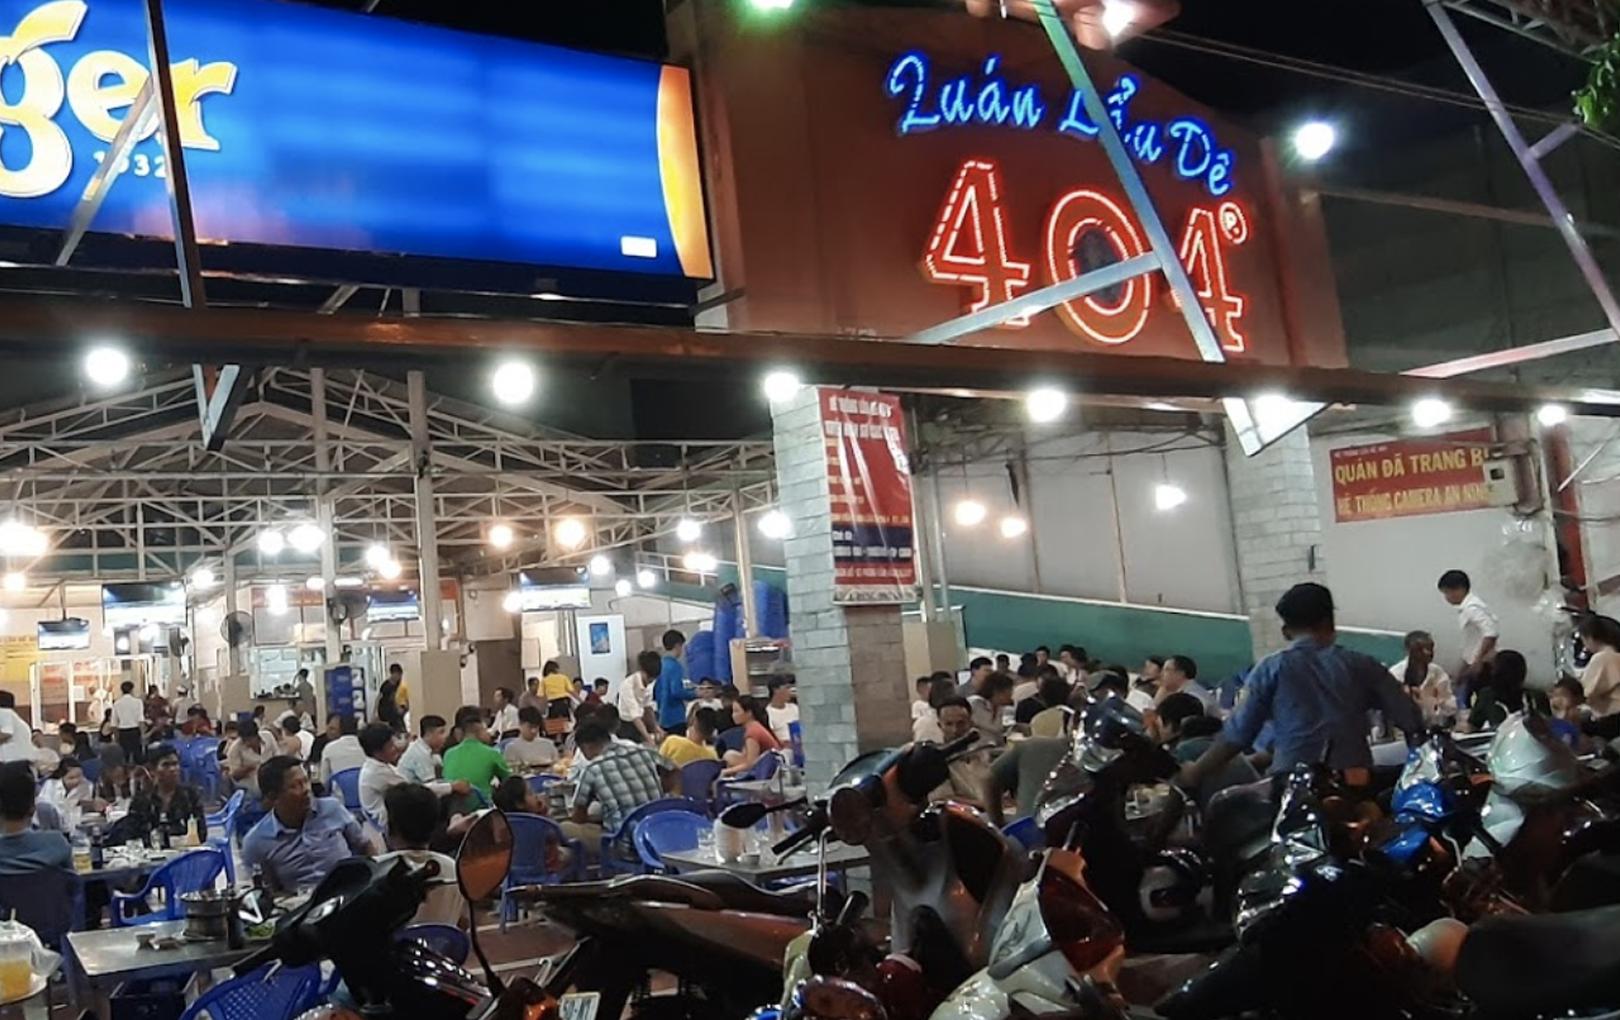 TP.HCM: Những người từng đến quán Lẩu dê 404 ở quận Tân Phú, cần liên hệ ngay cơ quan y tế